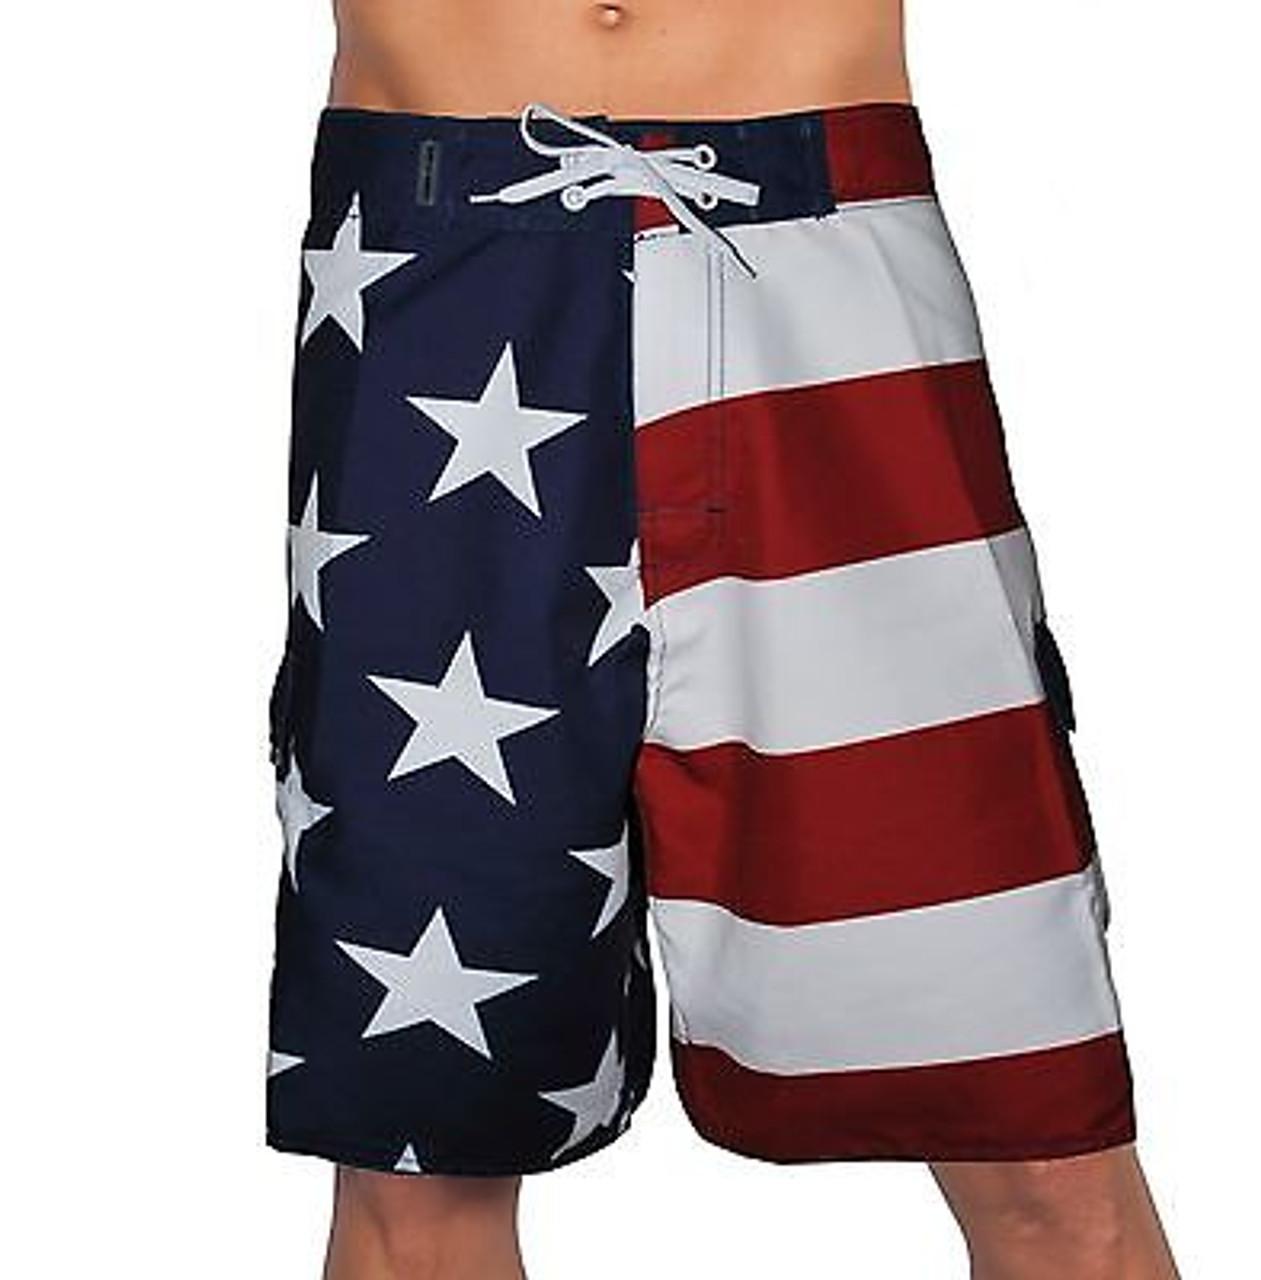 ca87f32fbd Usa American Flag Patriotic Board Shorts Freedom Army America Swim Trunks -  Fearless Apparel